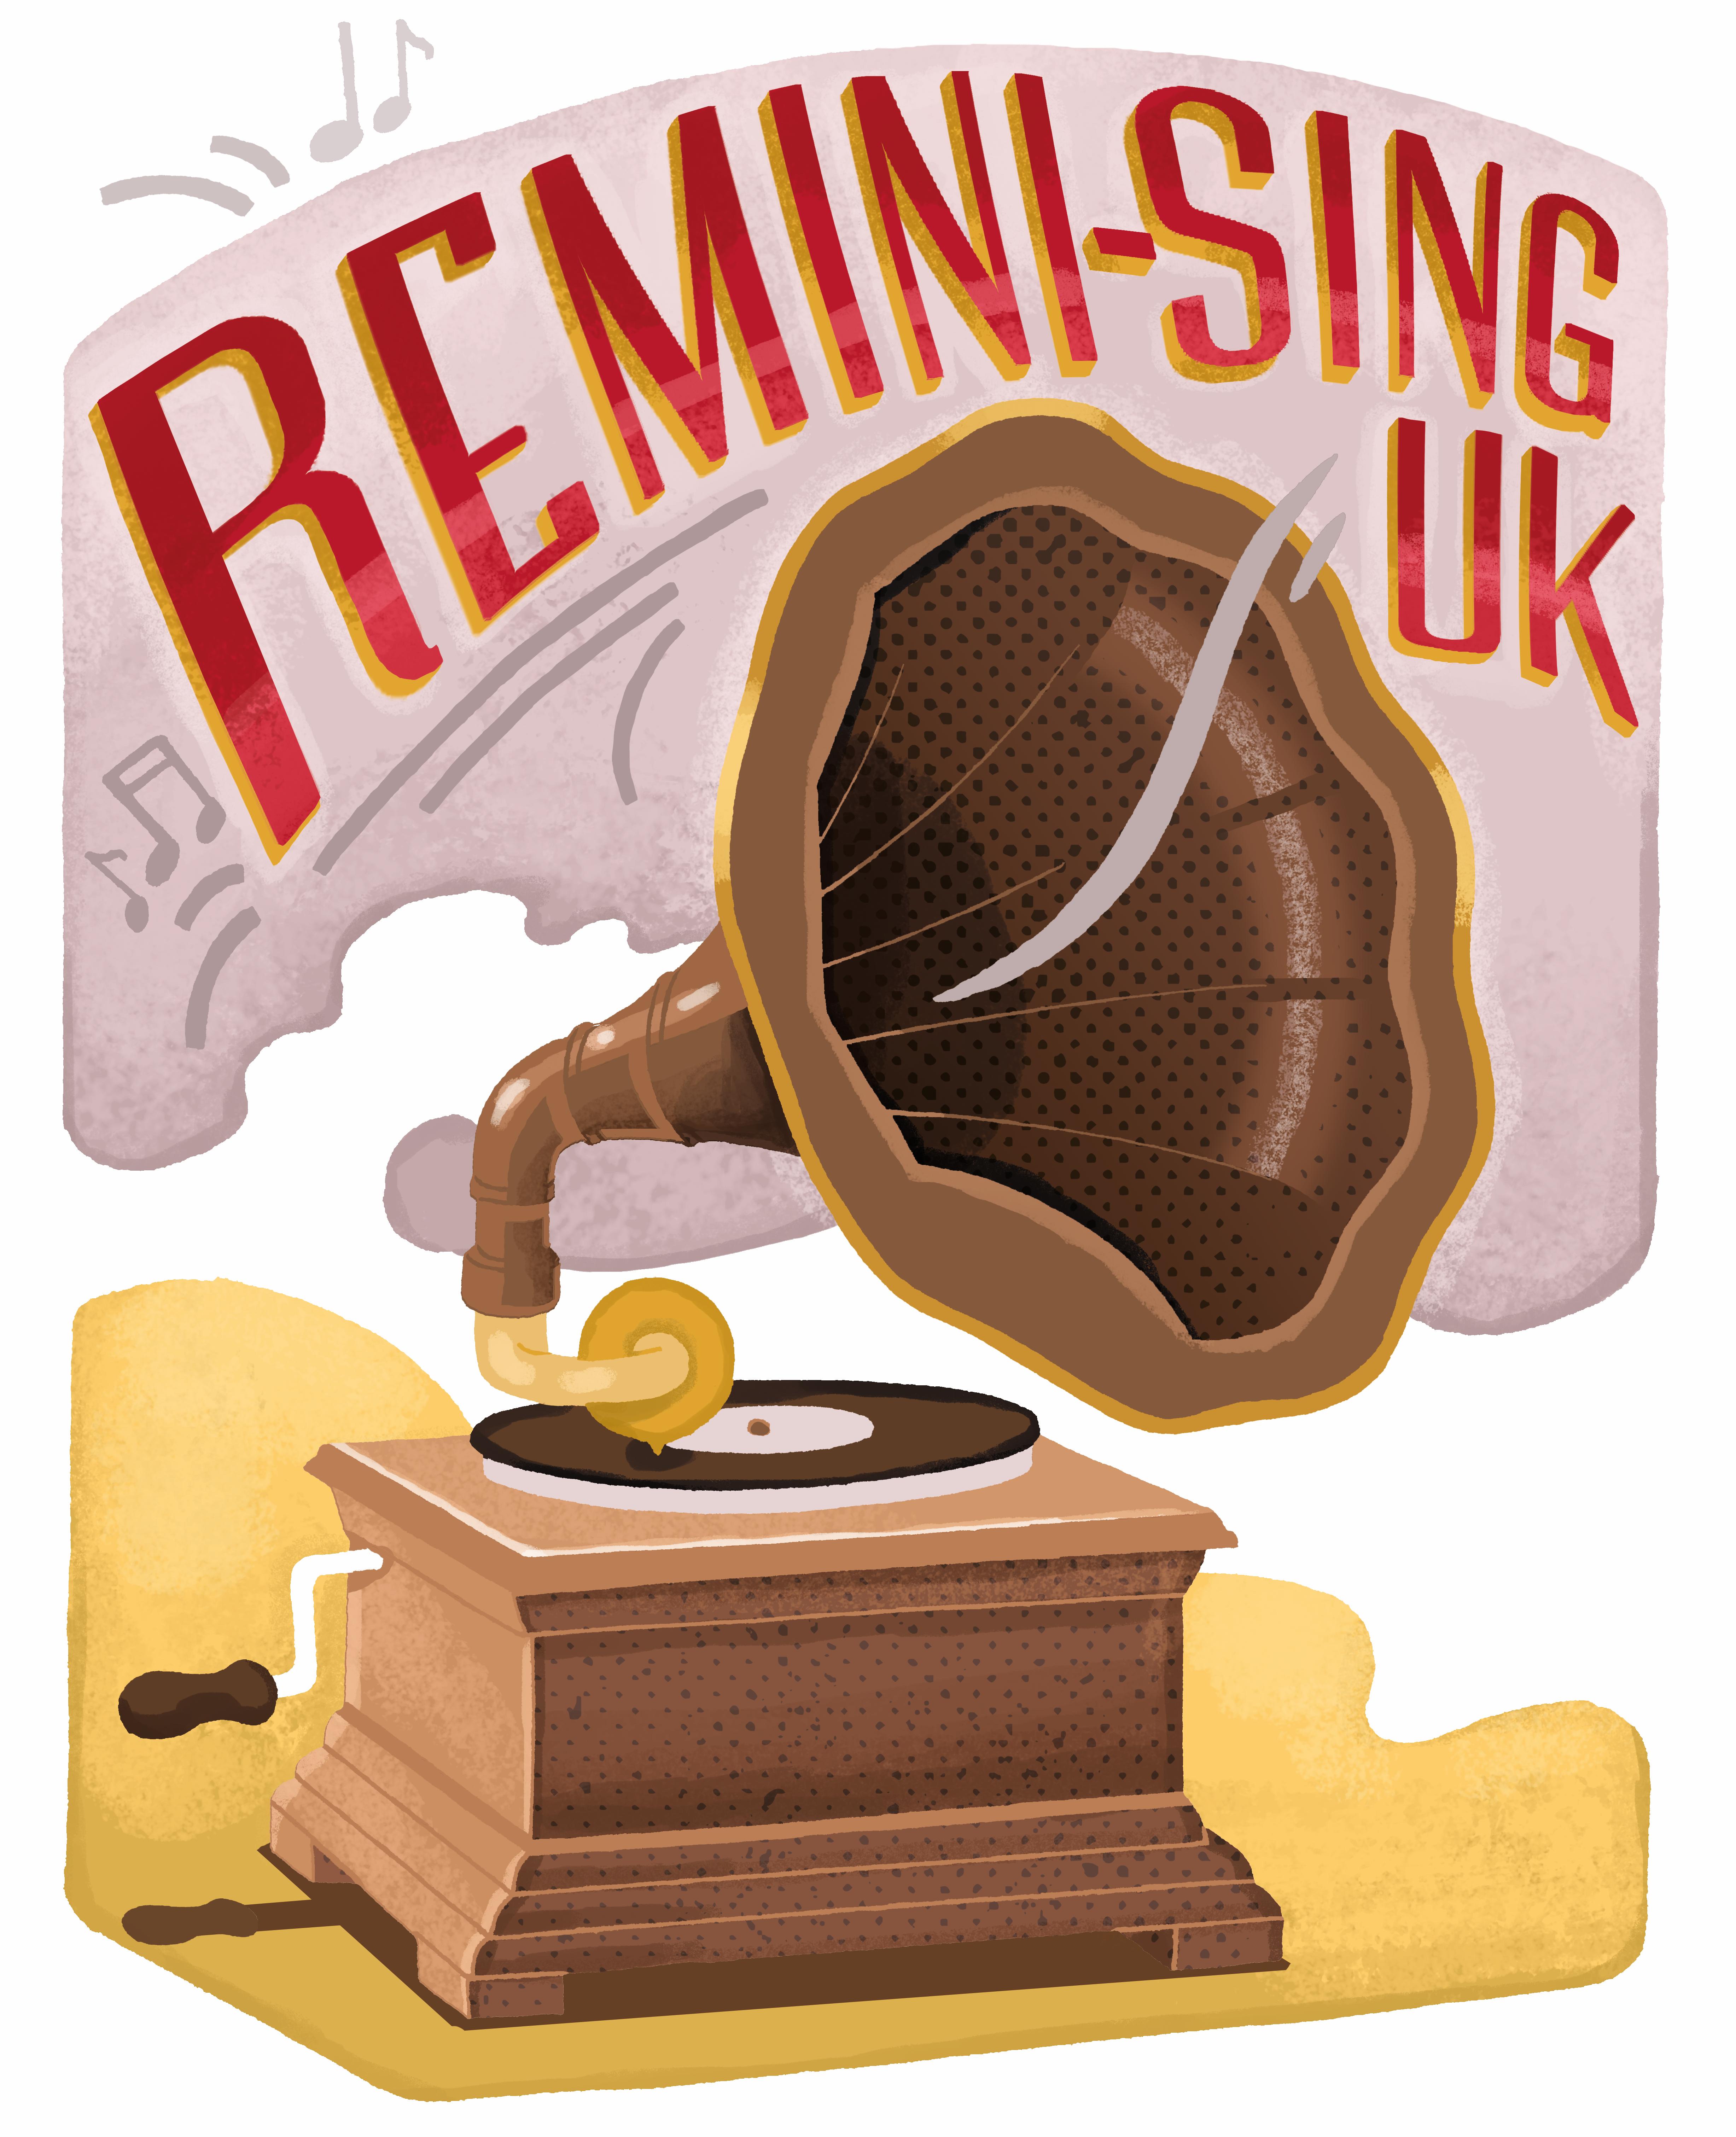 Remini-Sing